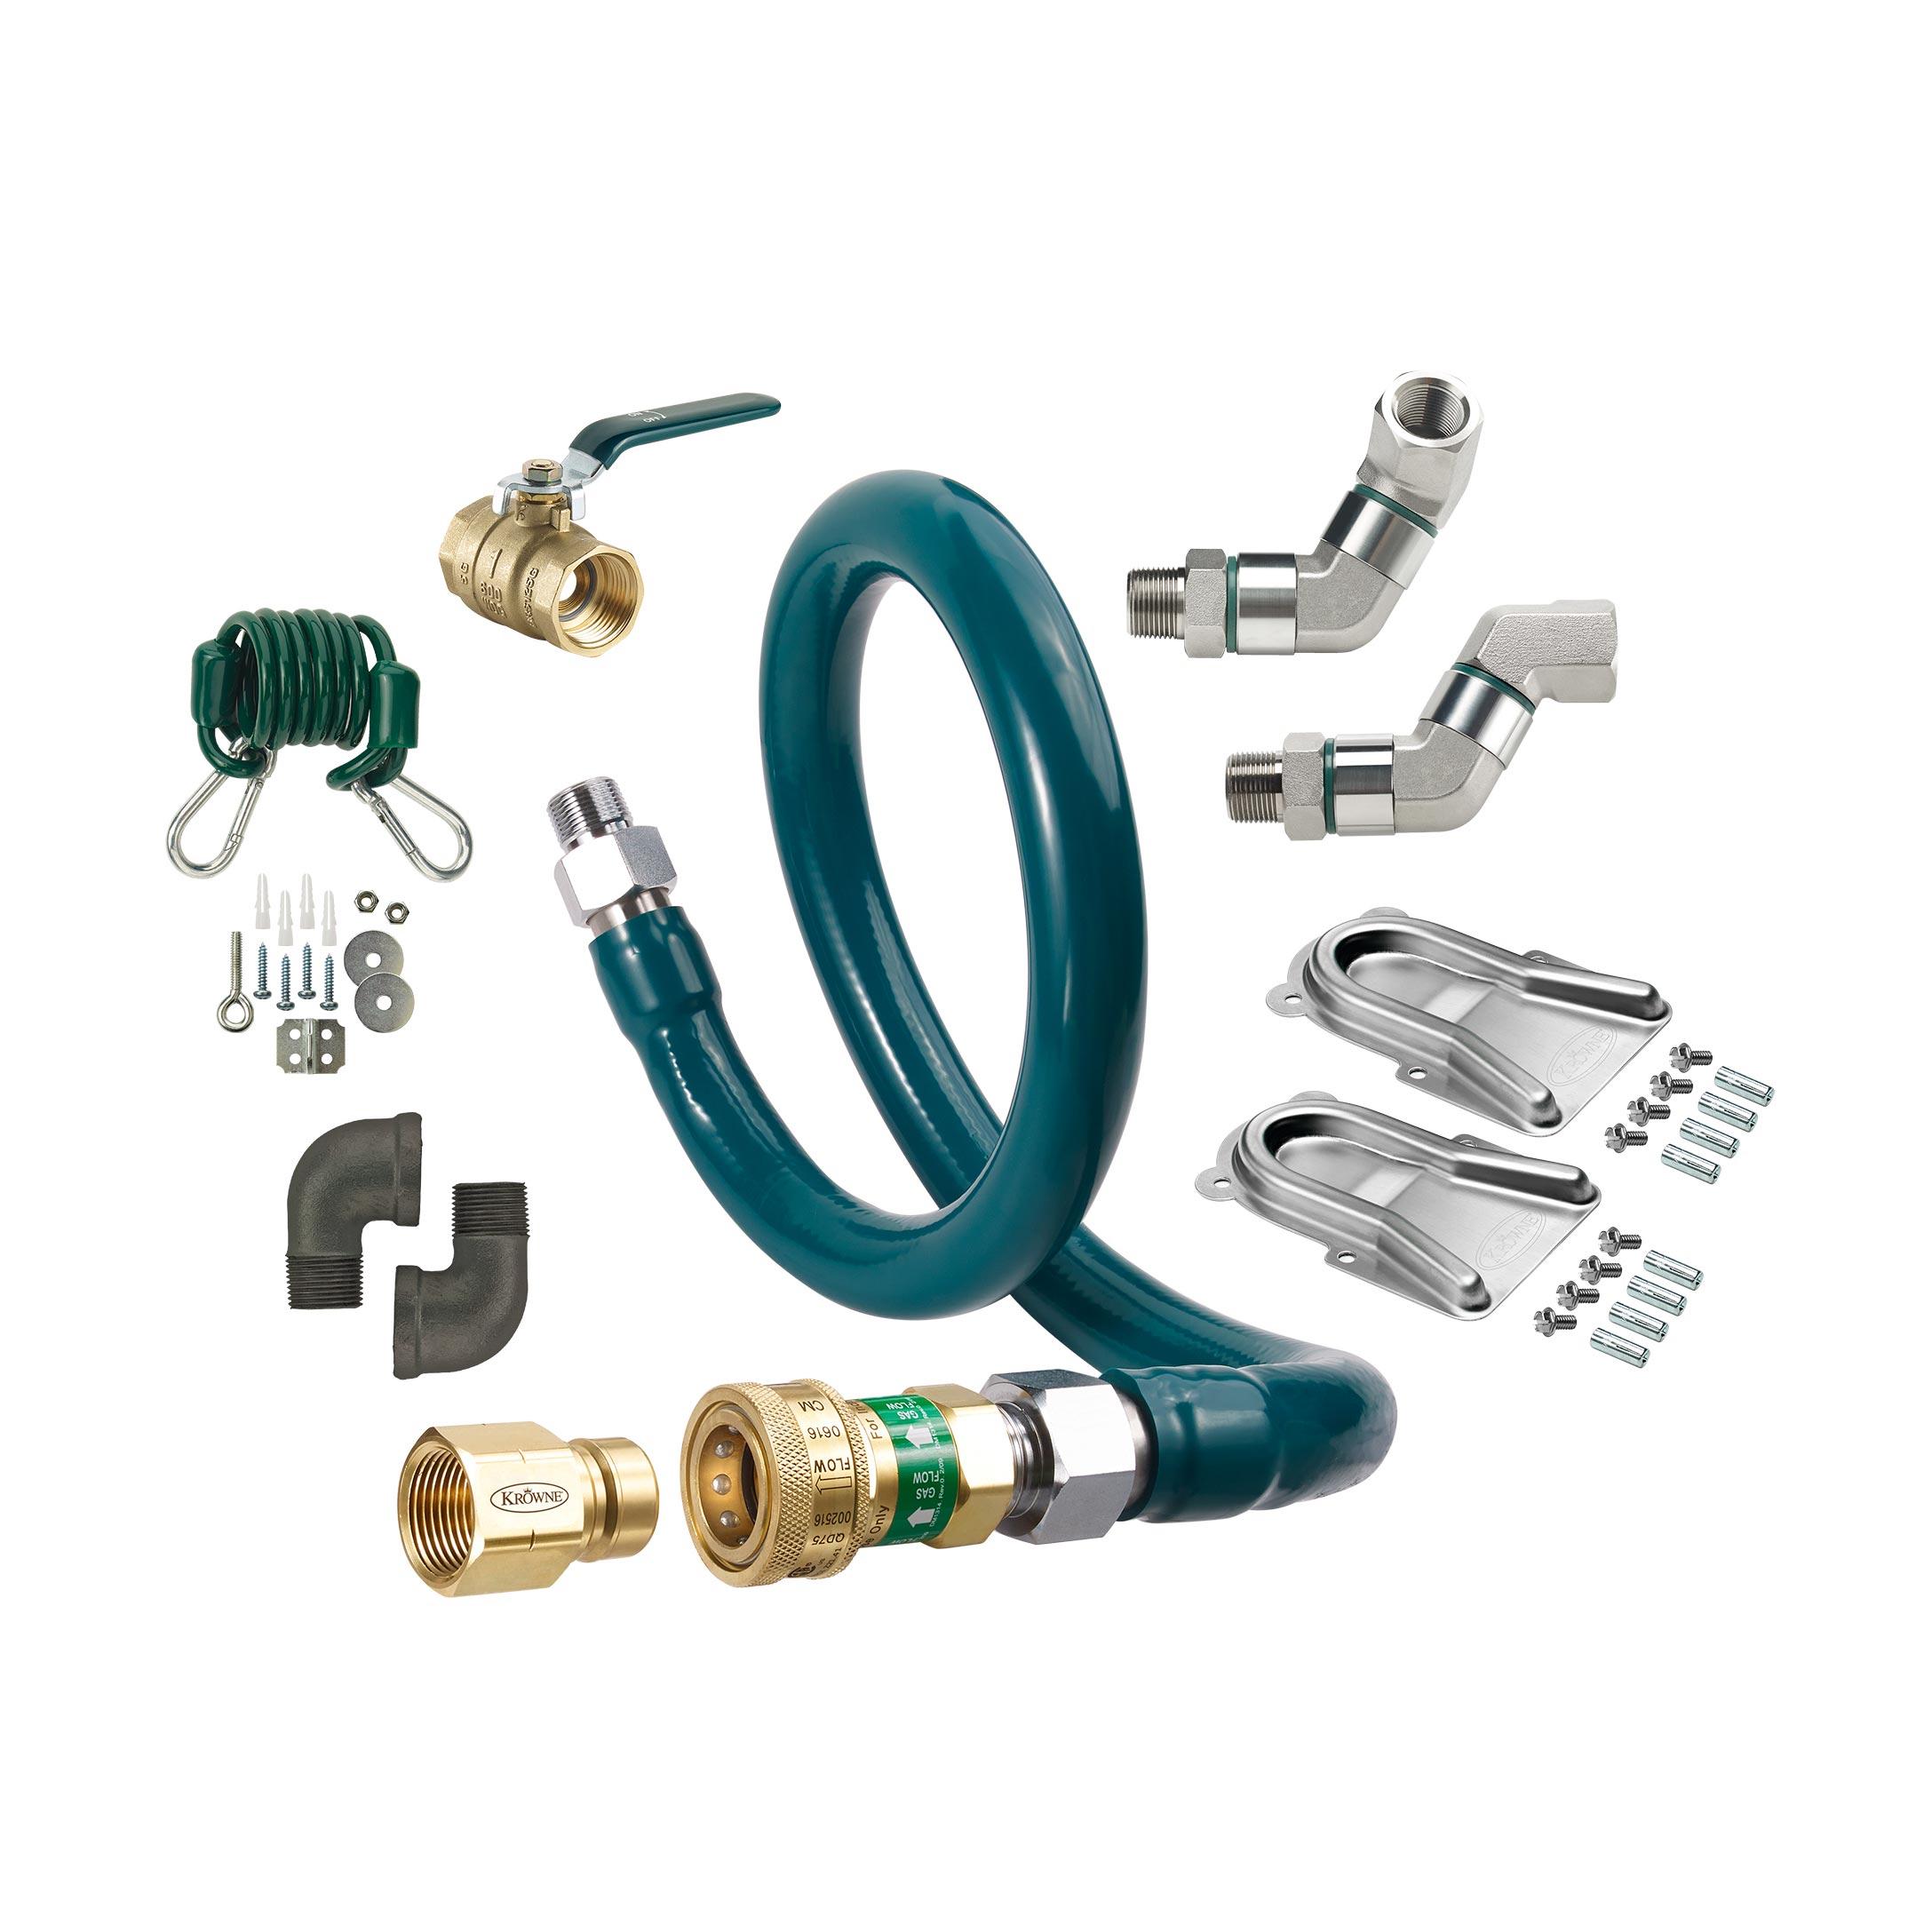 Krowne Metal M10072K12 gas hoses